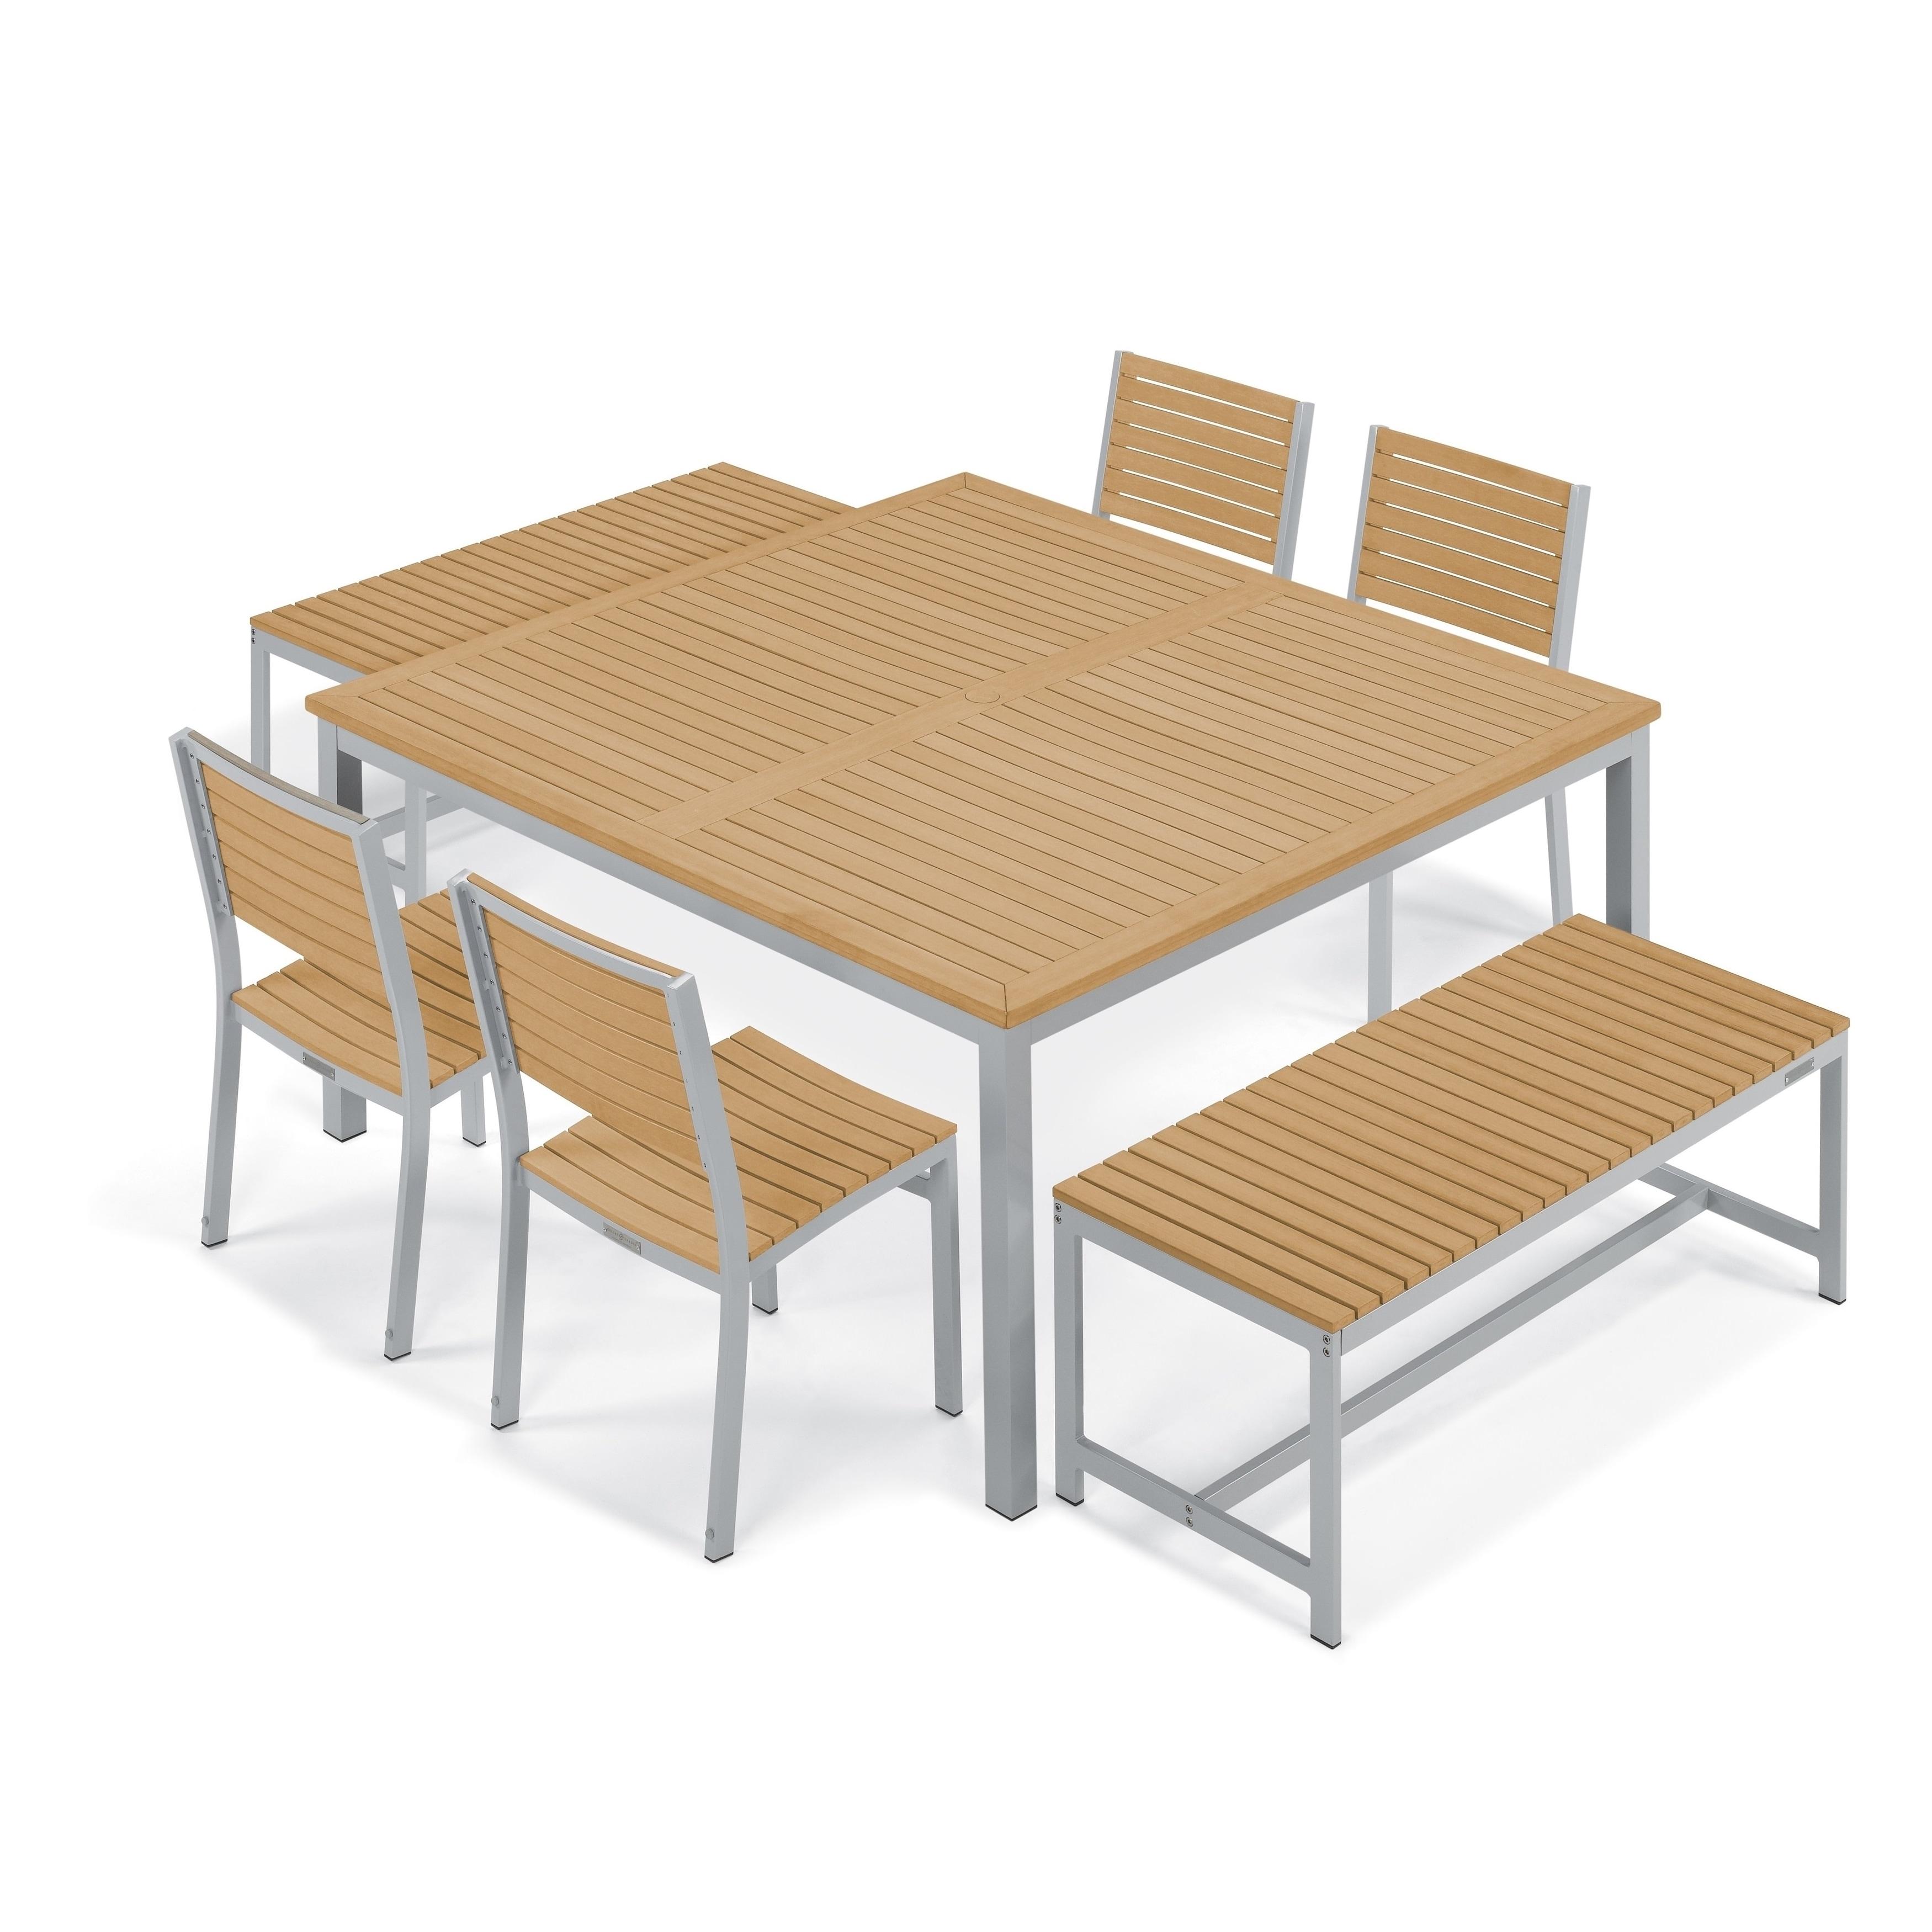 Oxford Garden Travira 7-Piece Dining Set - Natural Tekwoo...